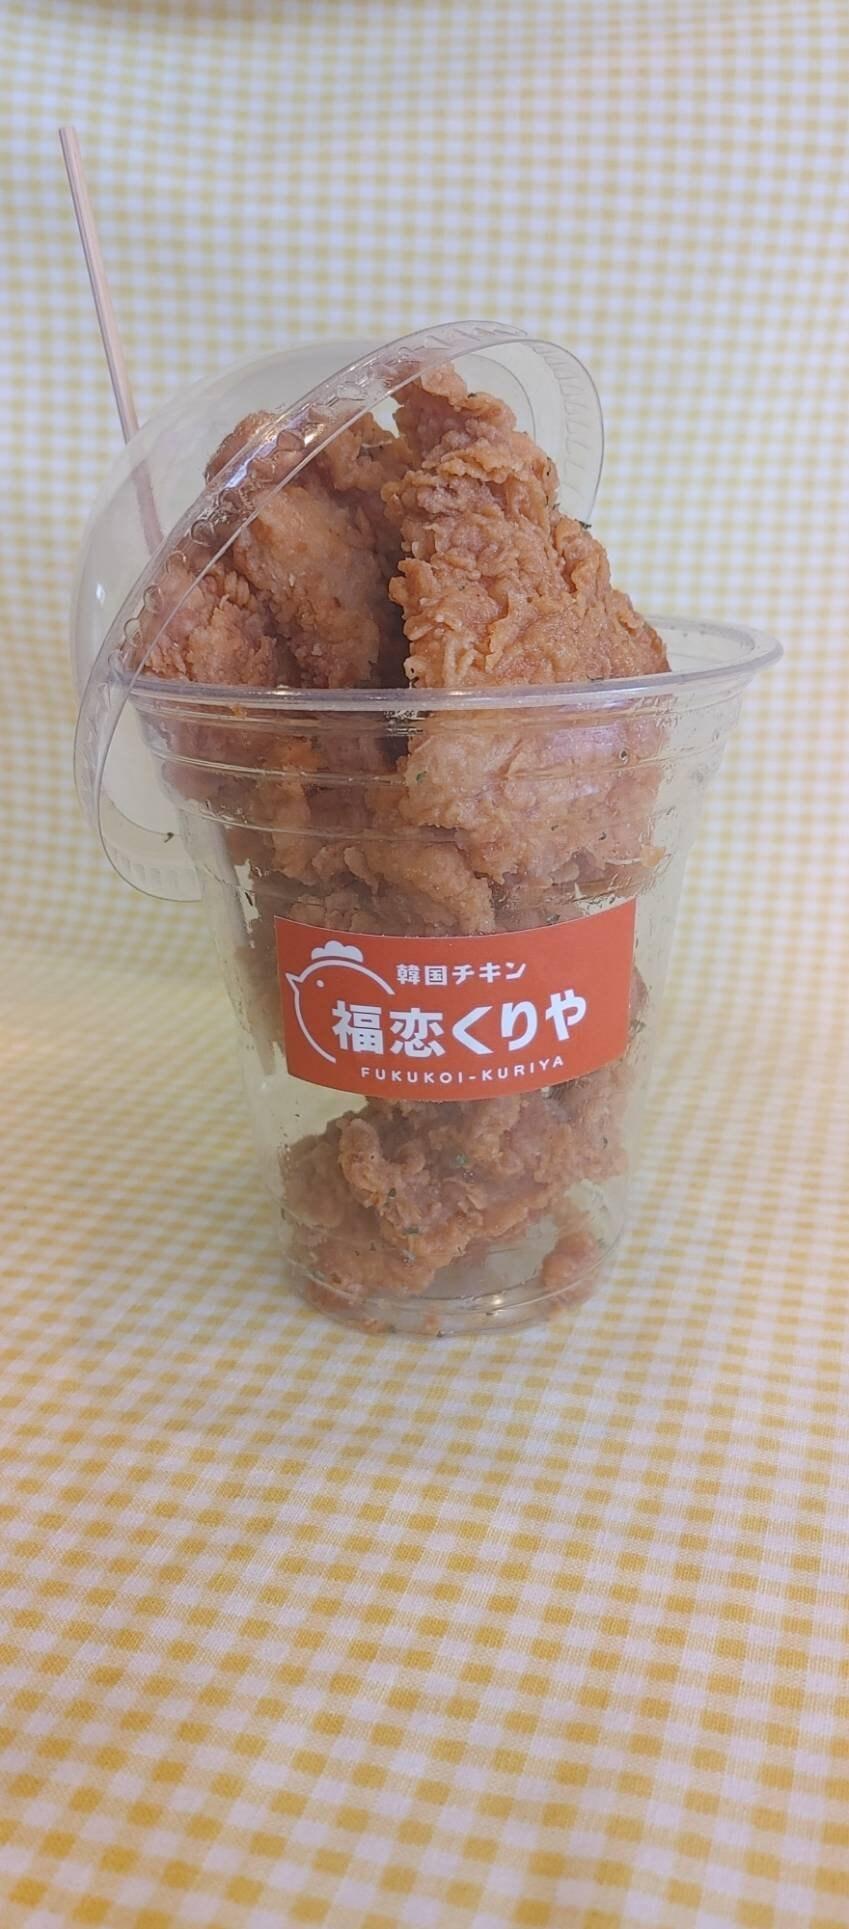 500円 チョアチキン 桜新町店のイメージその1